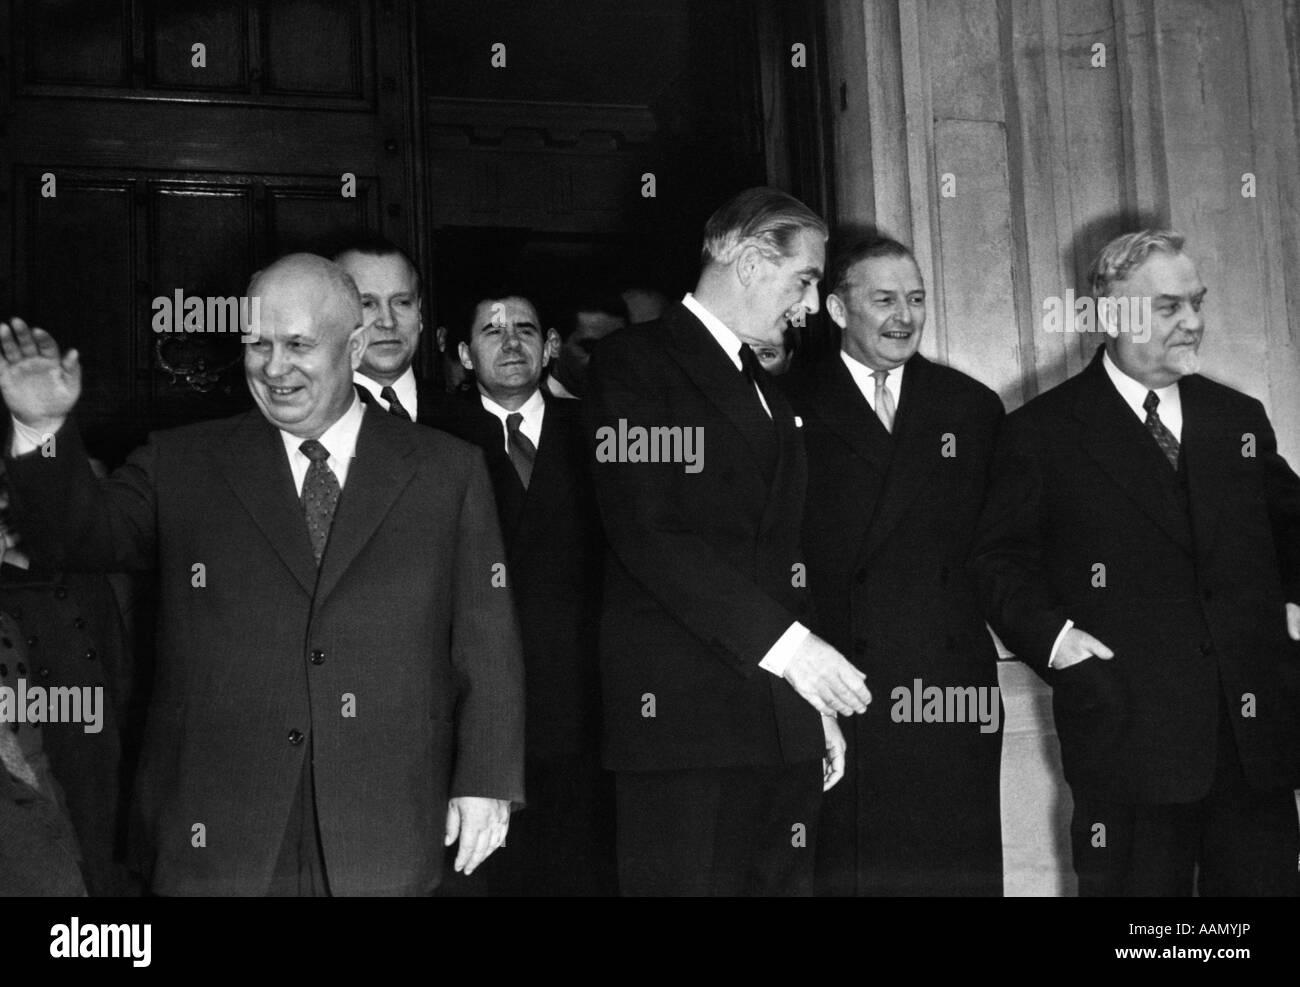 1950s NIKITA KHRUSHCHEV RUSSIAN PREMIER ANTHONY EDEN BRITISH PRIME MINISTER & SELWYN LLOYD & H.H. BULGANIN - Stock Image